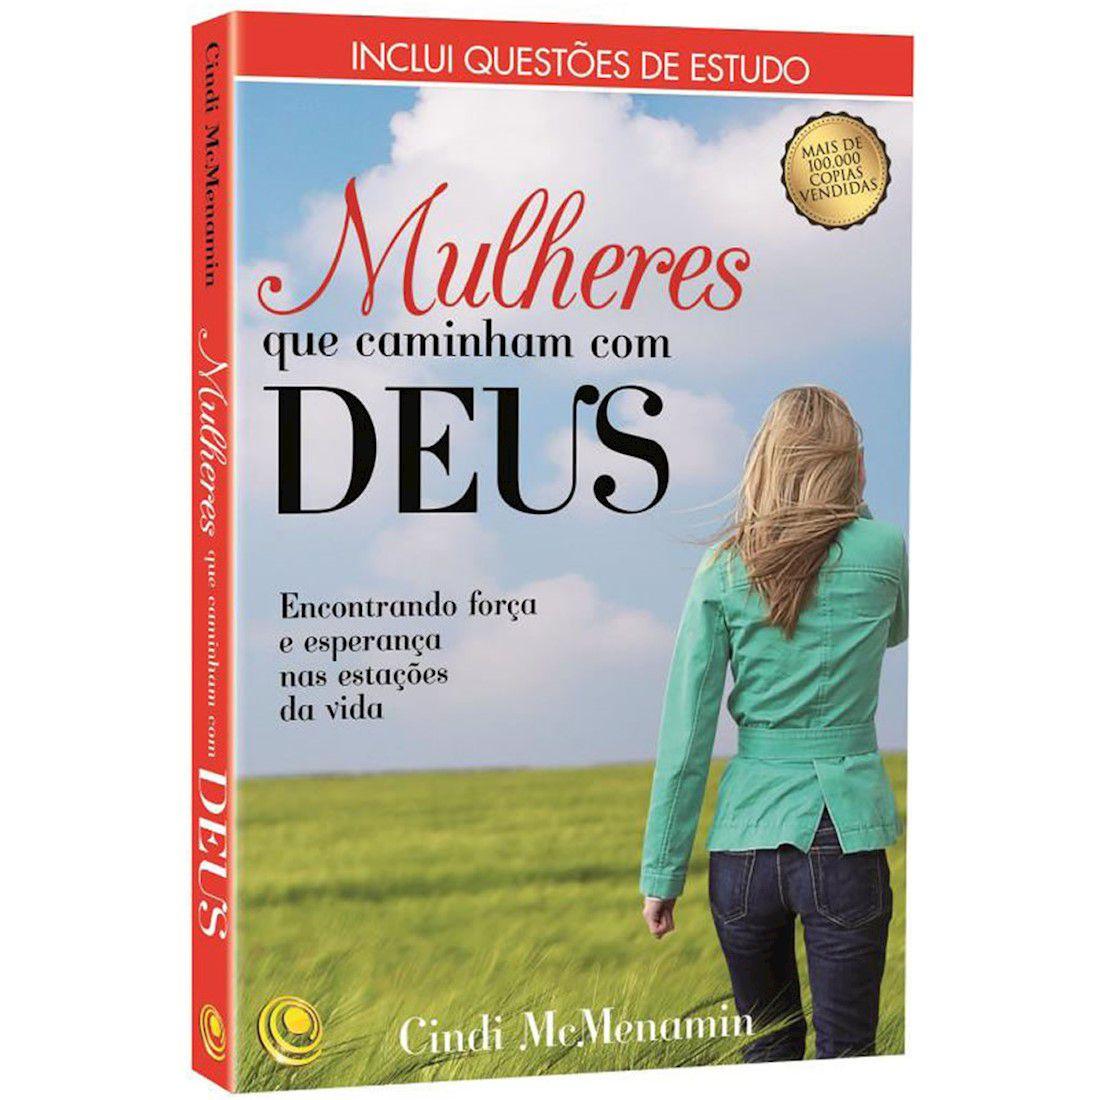 Livro Mulheres que Caminham com Deus